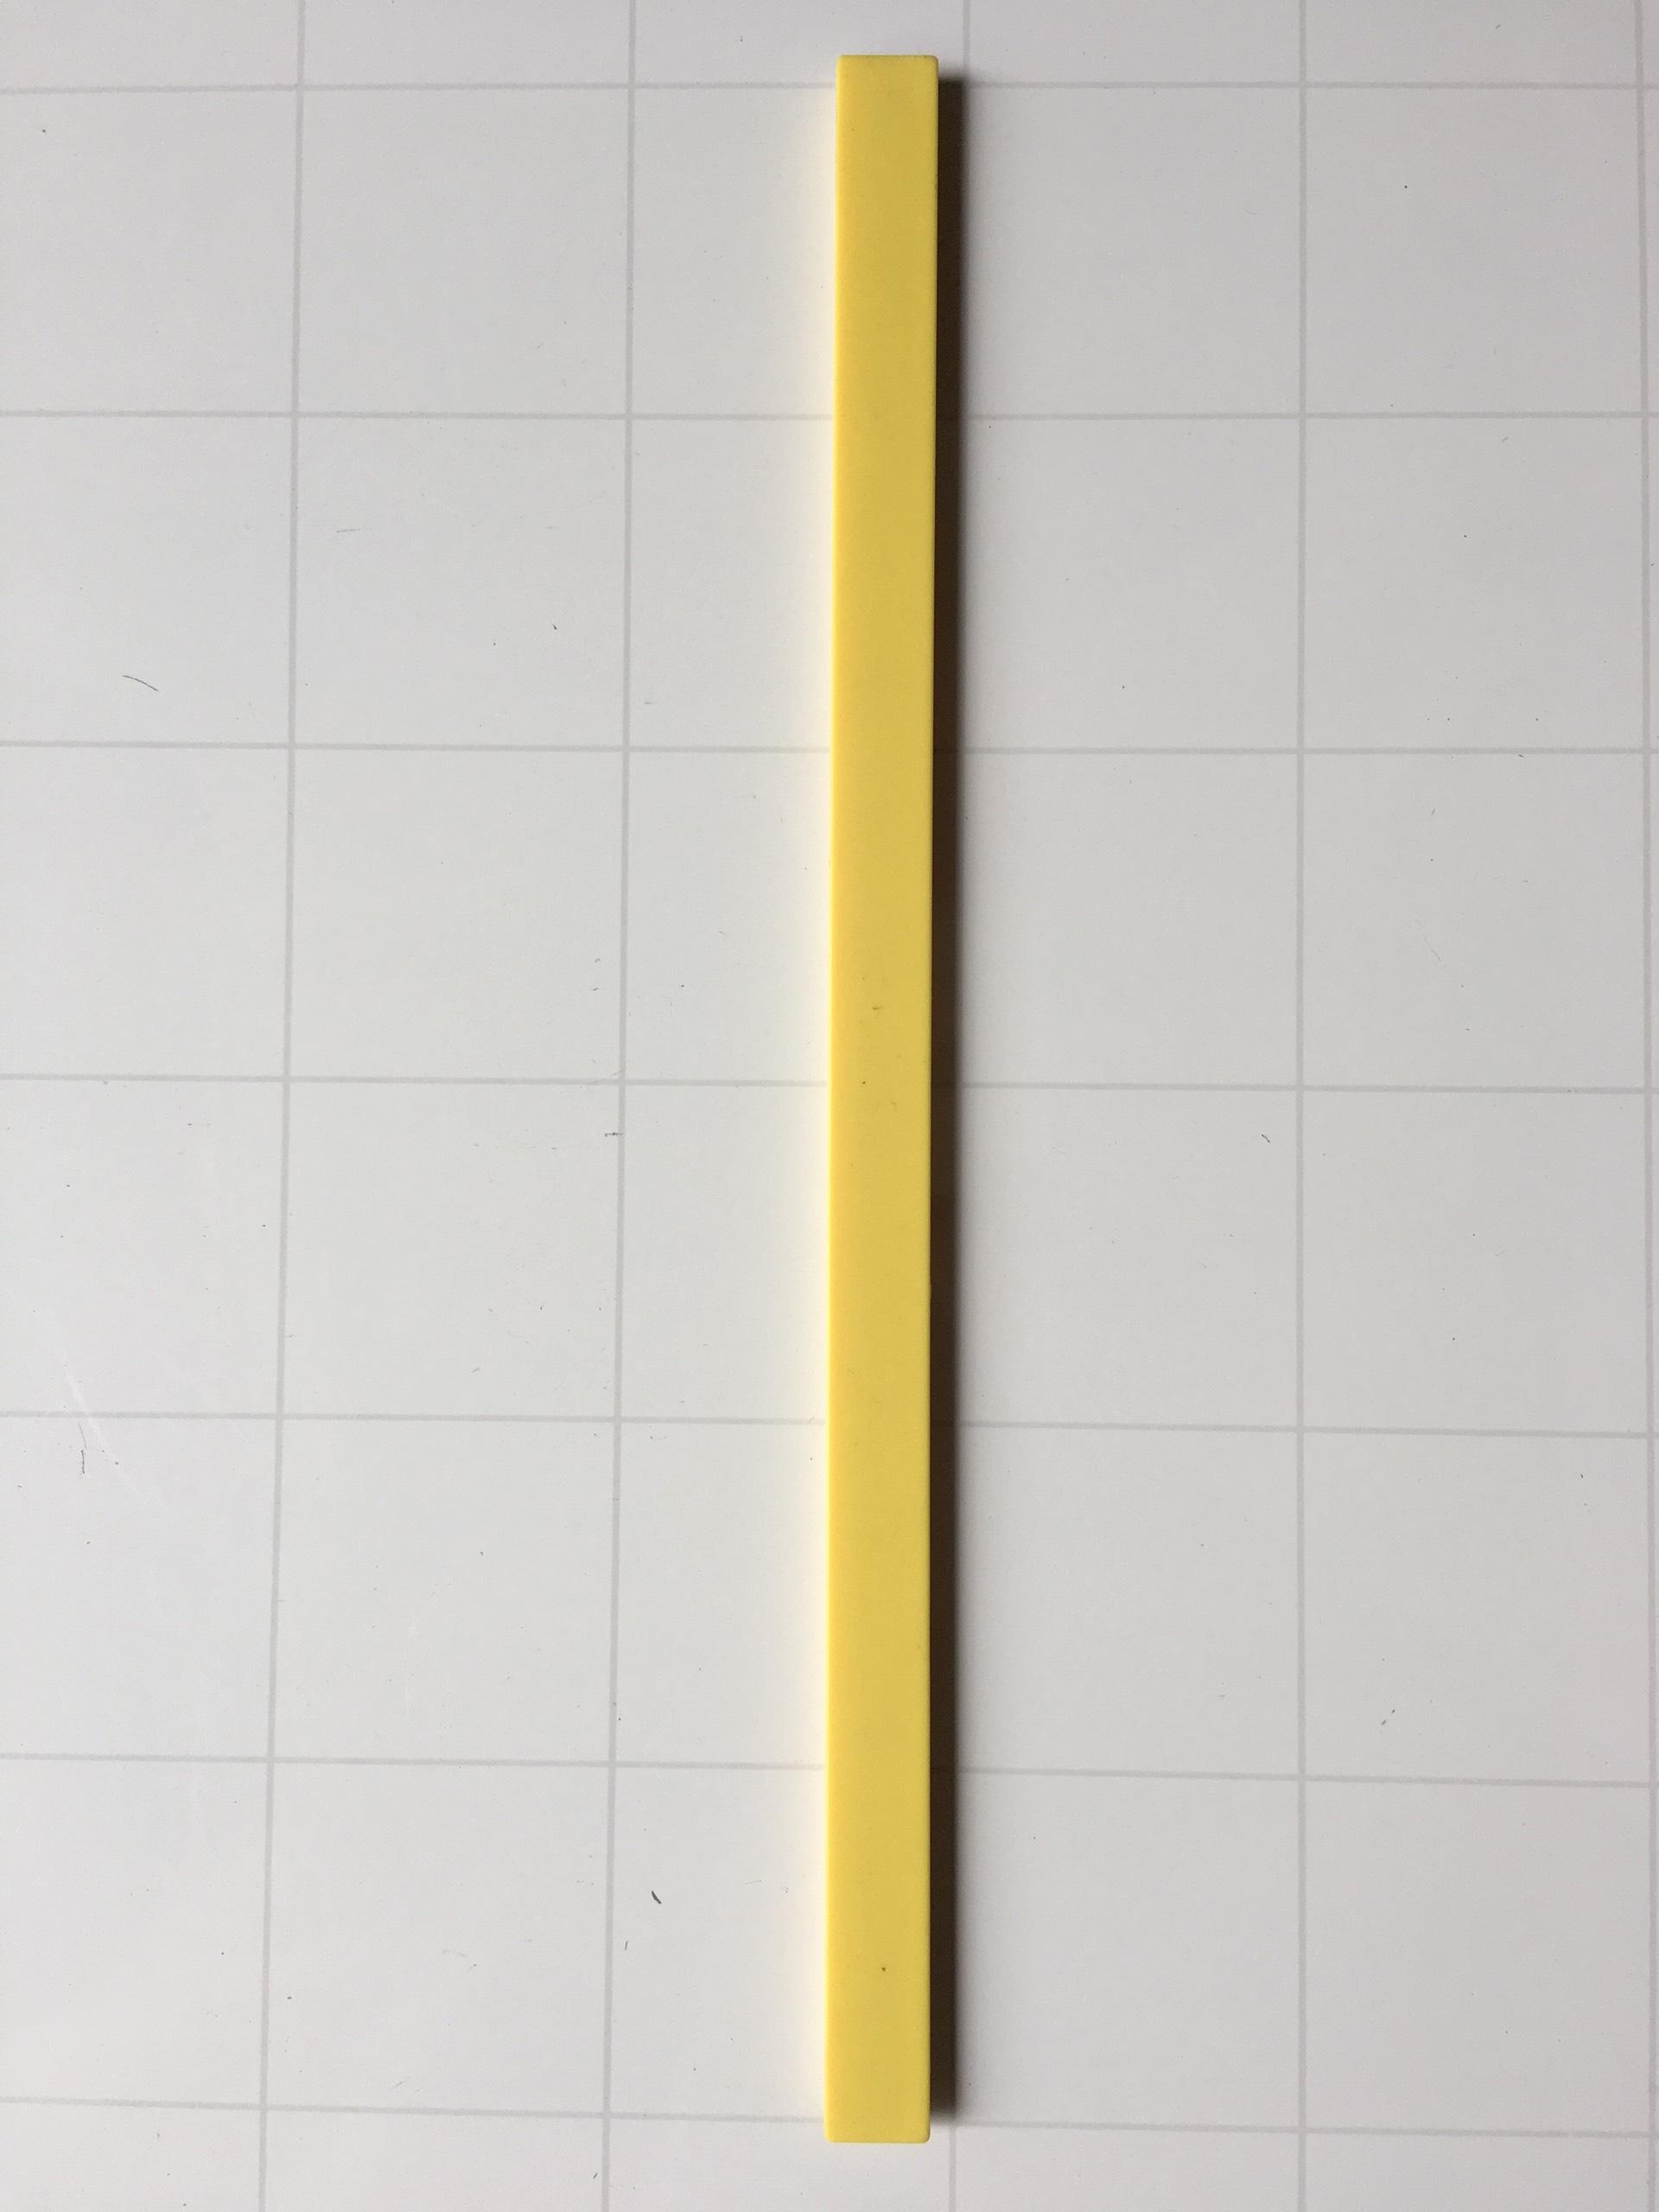 Thước Chặn Giấy Nam Châm - Dài 20cm - Màu Ngẫu Nhiên - Bộ 10 Thước